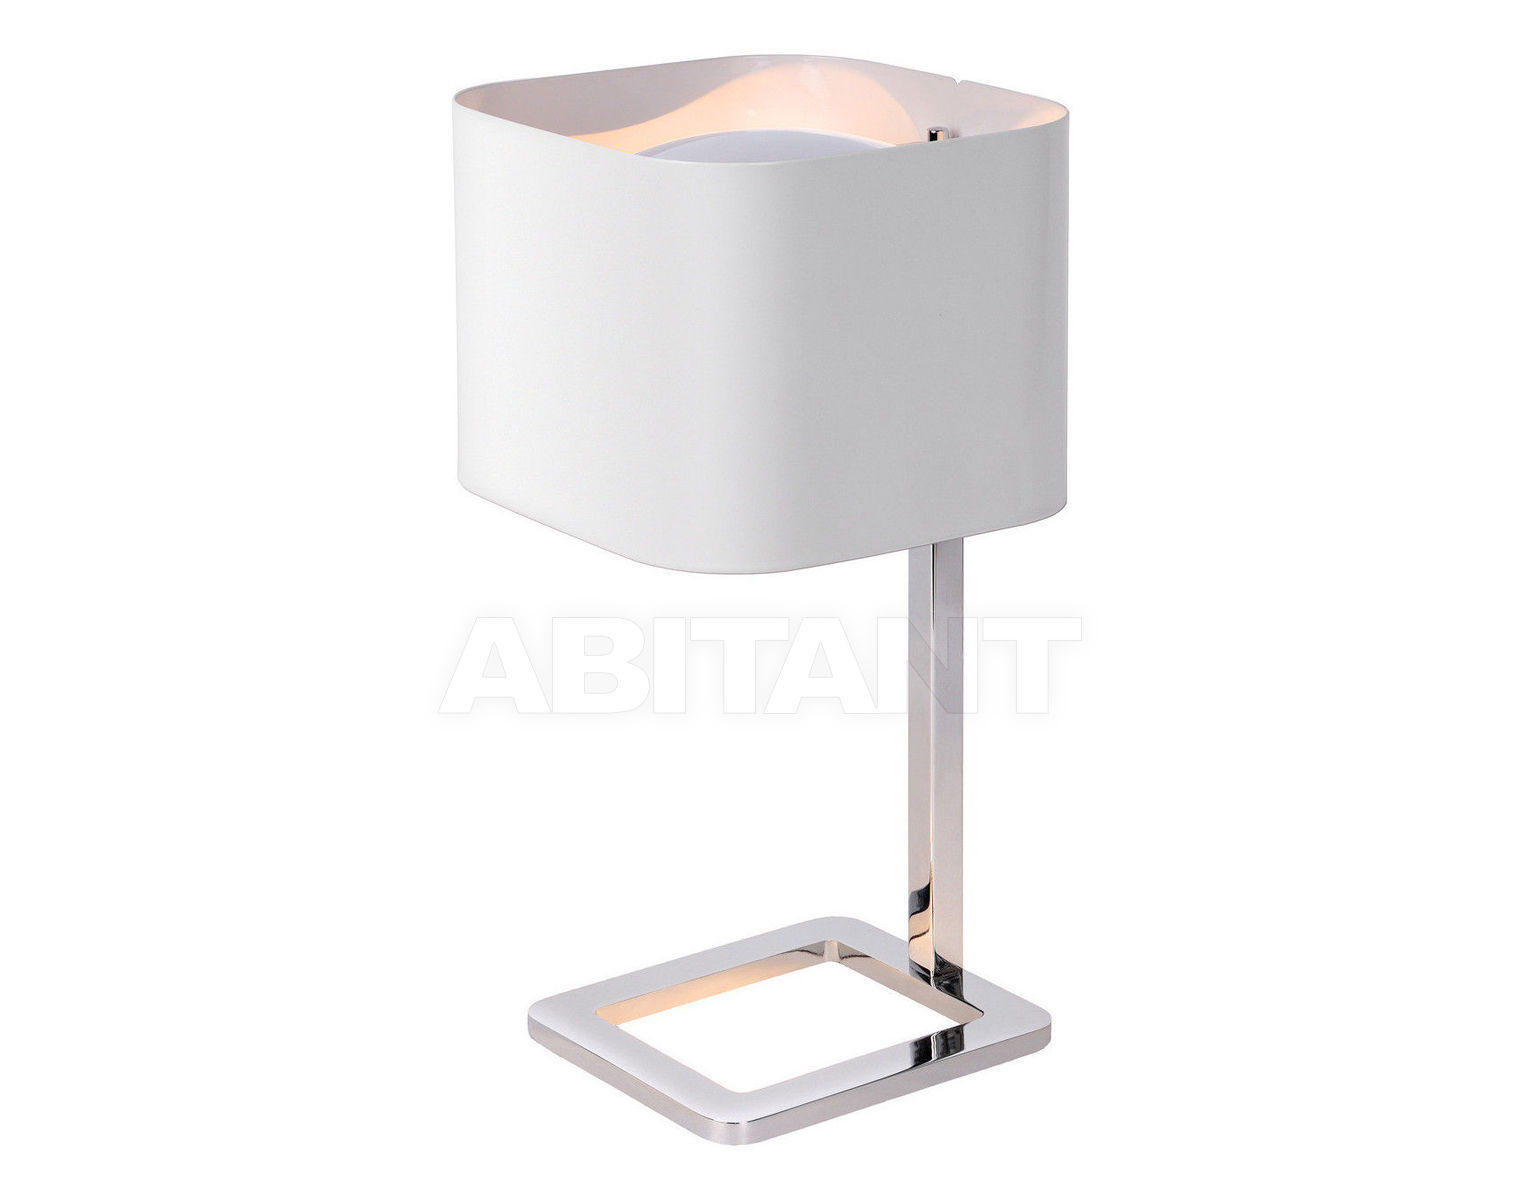 Купить Лампа настольная Square Lucide  Fascio 70564/01/31